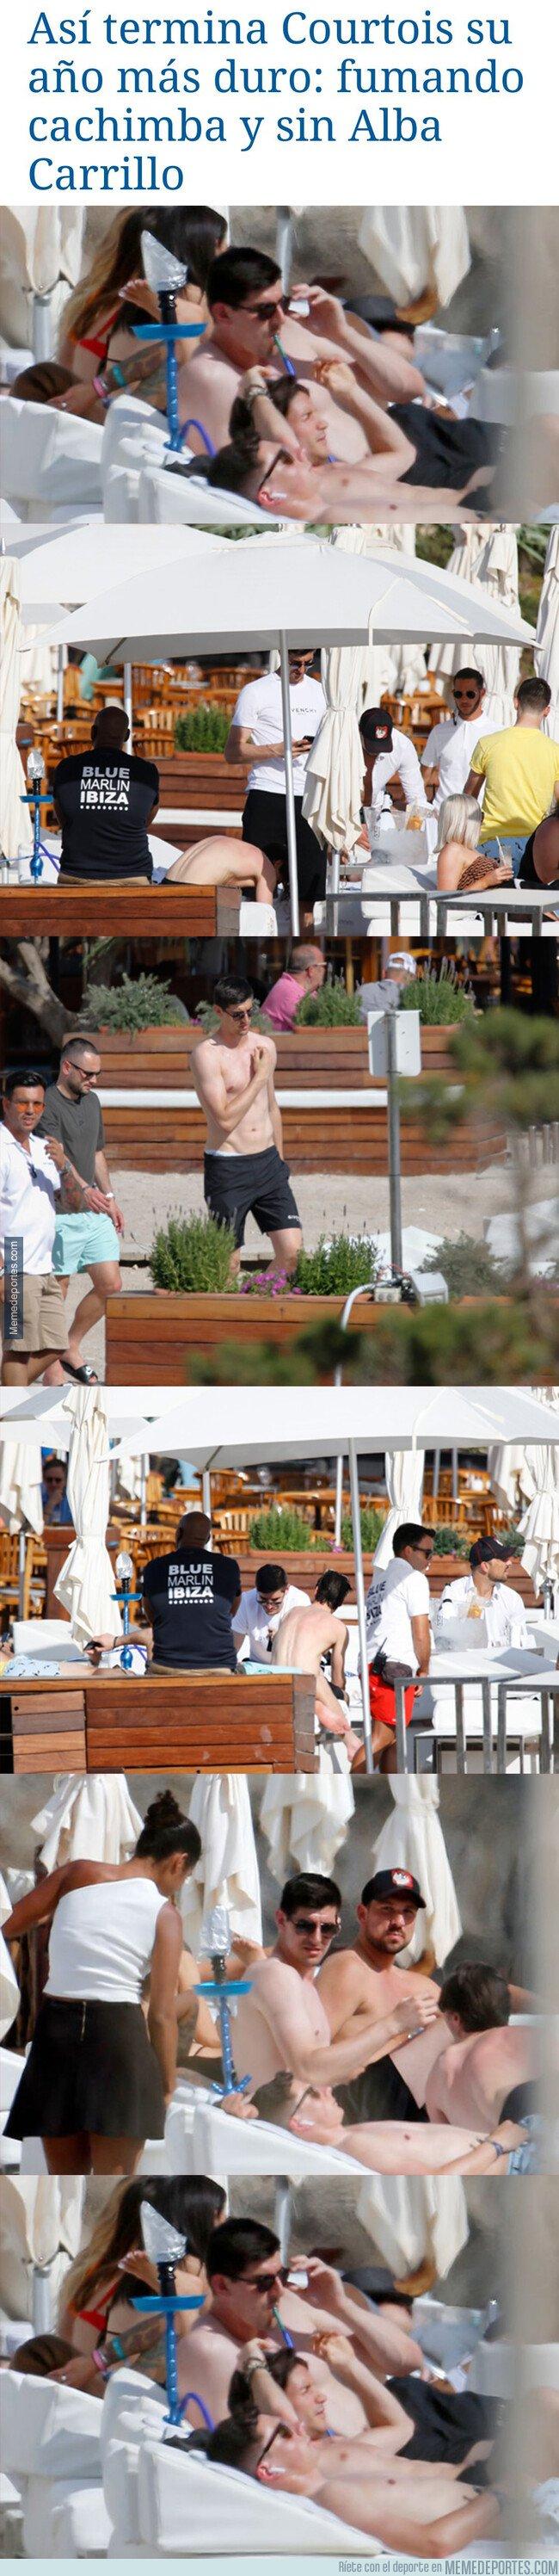 1075814 - Pillan a Courtois fumando cachimba mientras estaba de vacaciones en la playa